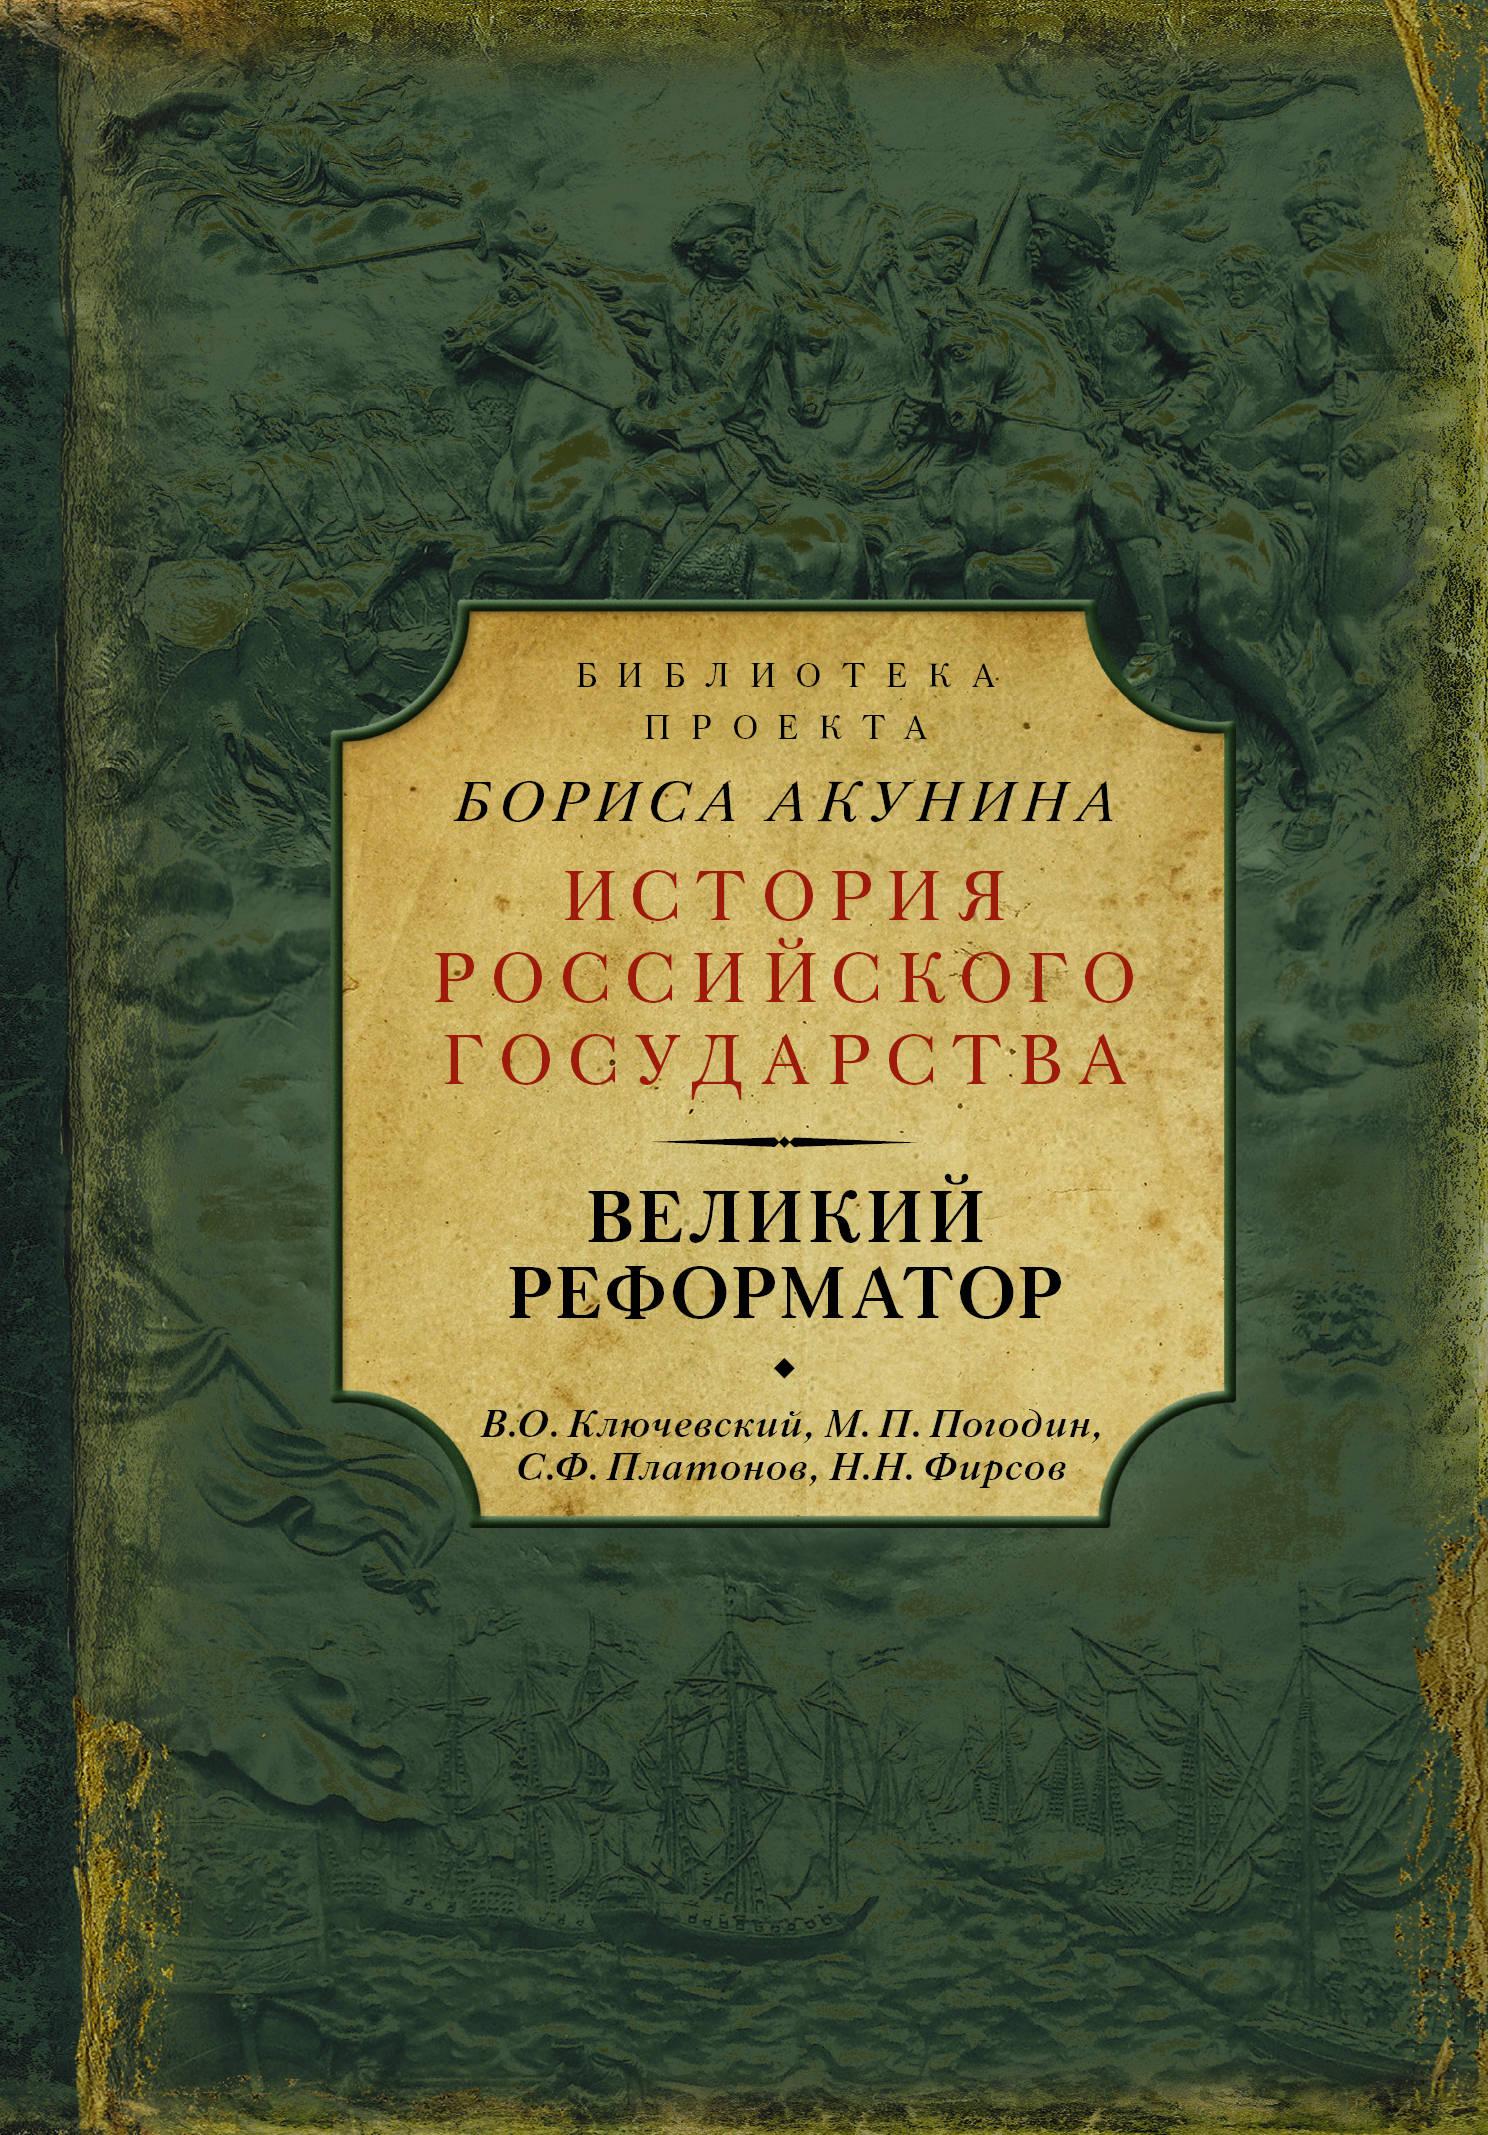 В. О. Ключевский, М. П. Погодин, С. Ф. Платонов, Н. Н. Фирсов Великий реформатор